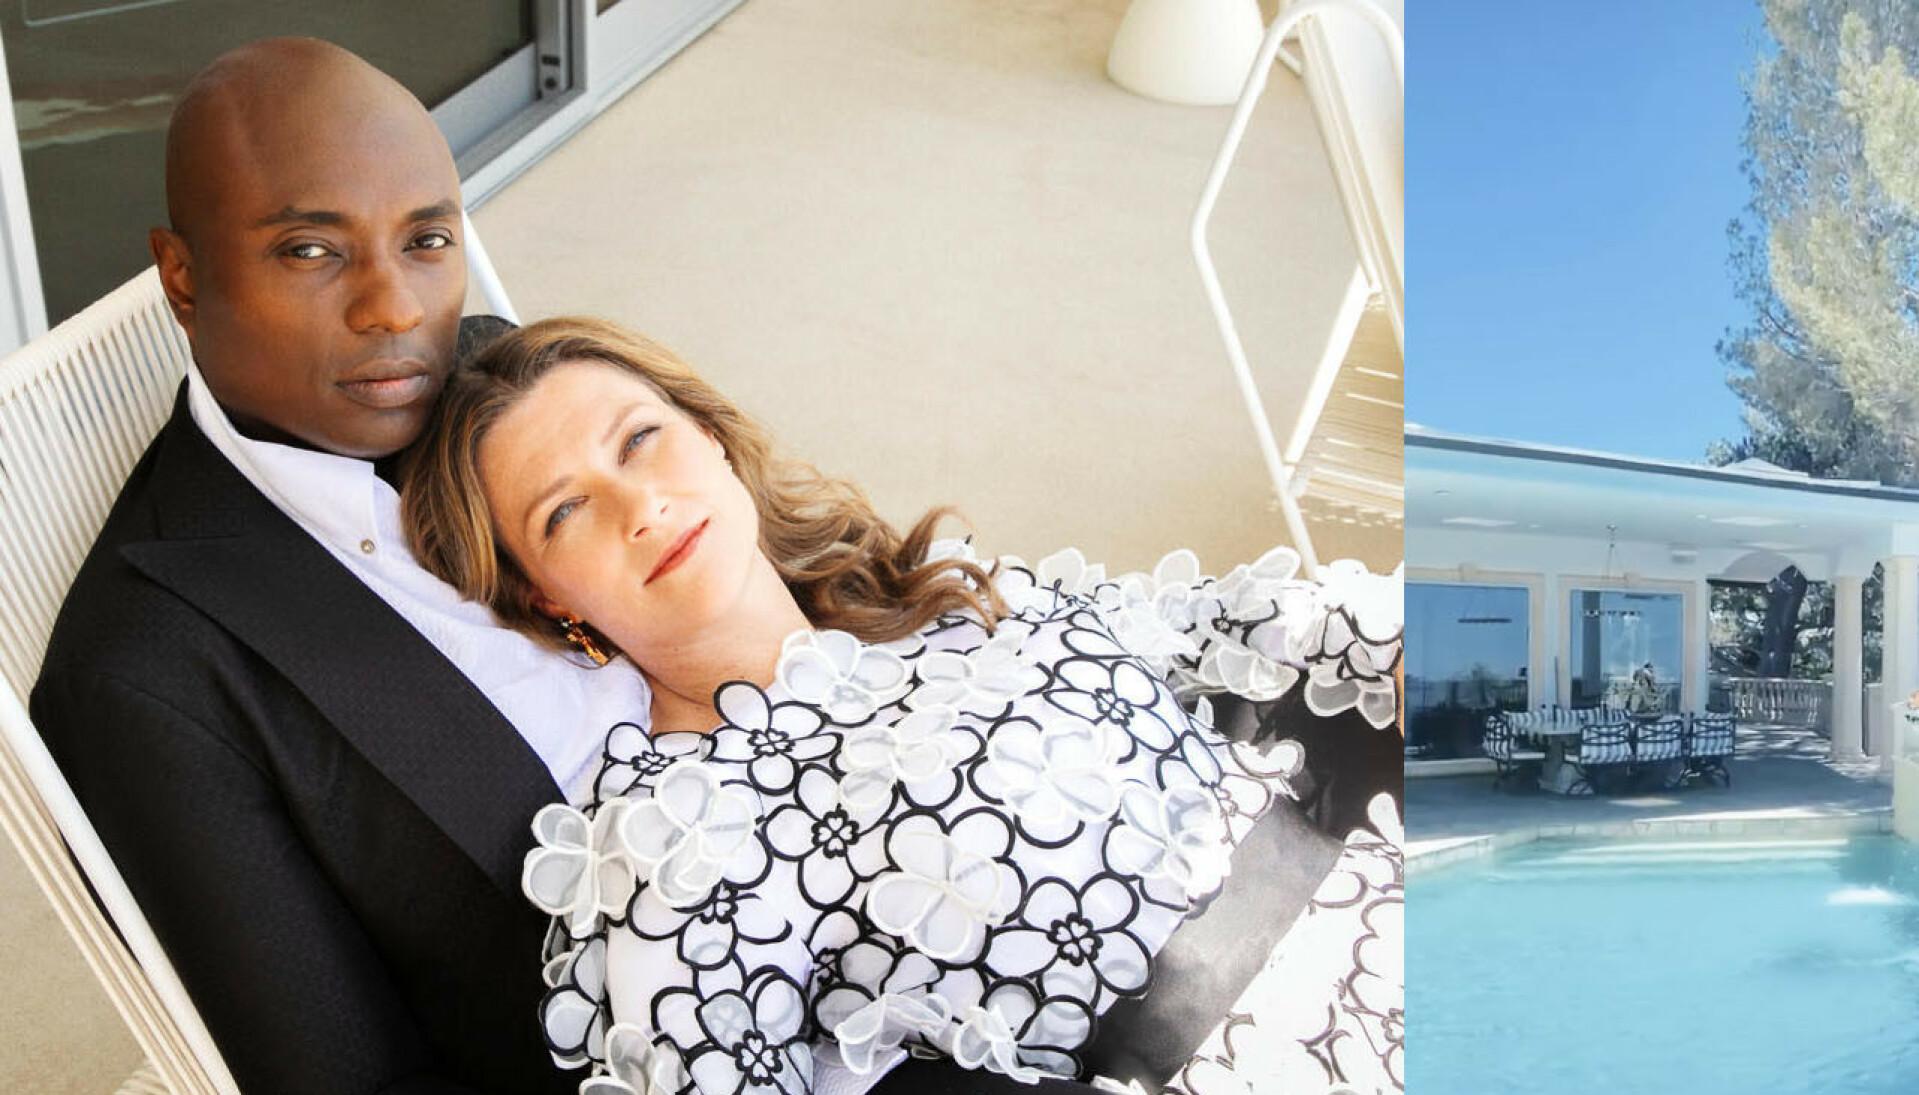 LUKSUS: Durek har funnet en luksusvilla i Los Angeles, og etter det Se og hør kjenener til, skal Märtha og barna flytte inn. FOTO: Vanity Fair/@shamandurek/Instagram